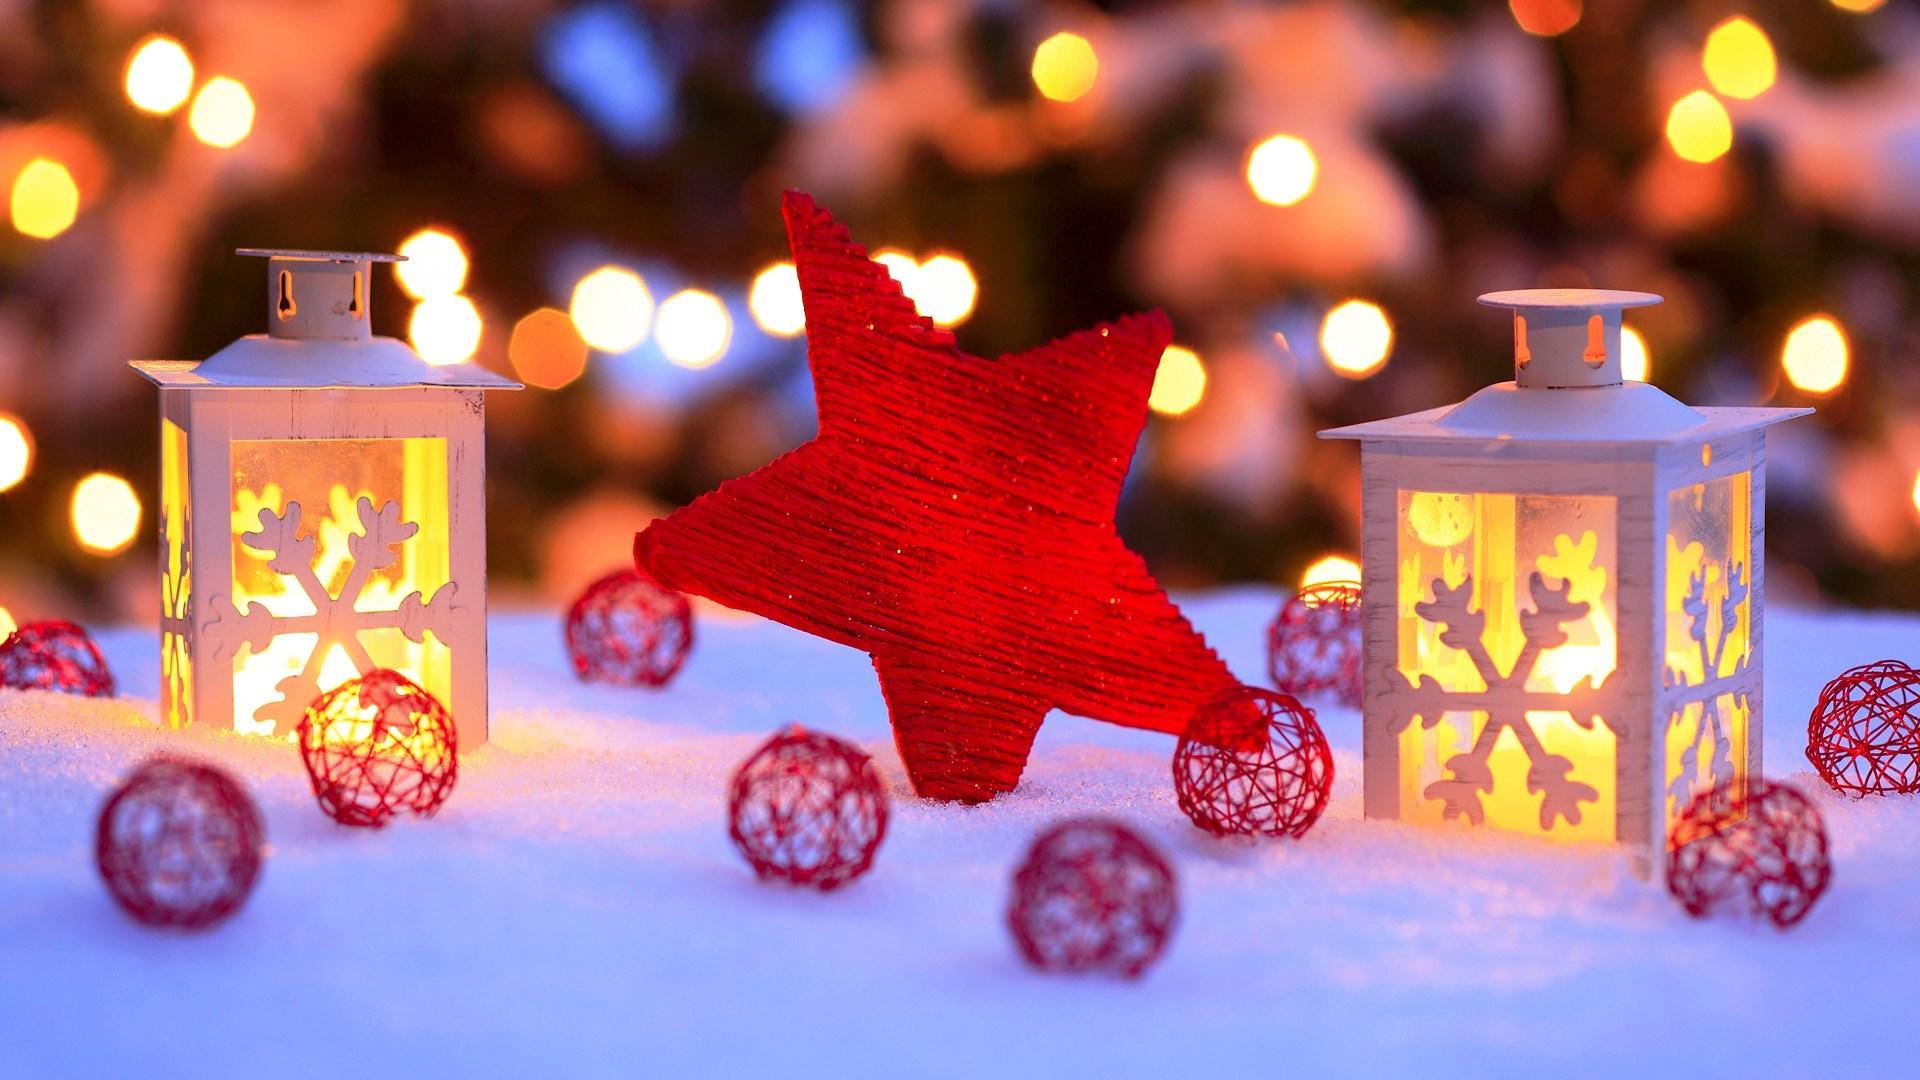 aaceabdbcafe-star-lanterns-christmas-lanterns-wallpaper-wp3401182